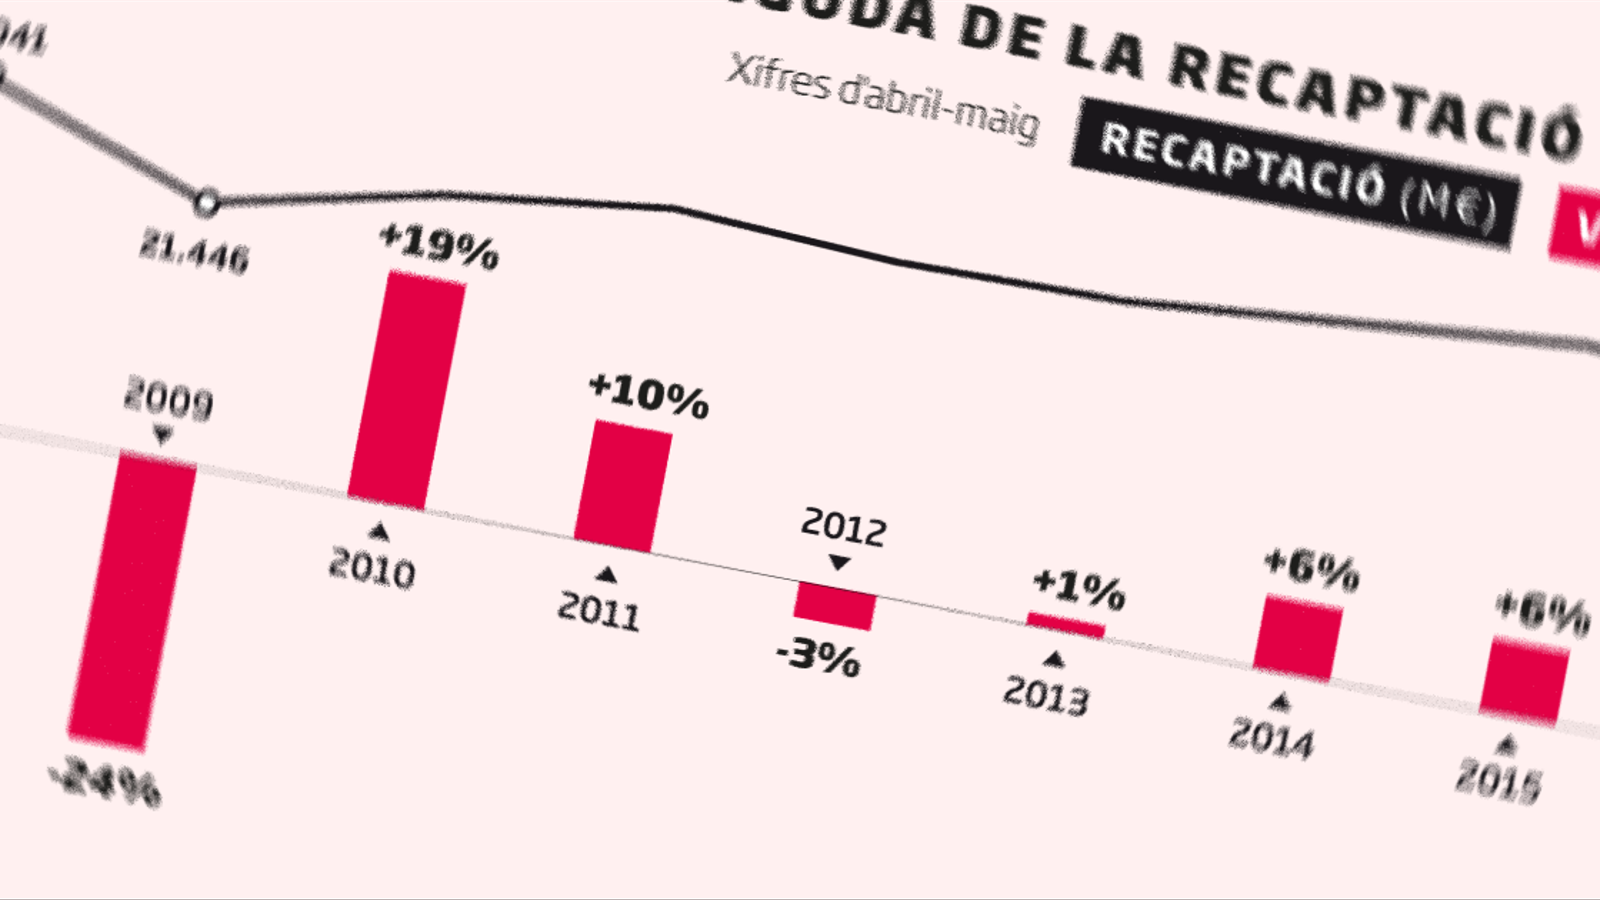 El coronavirus forada els comptes públics: la recaptació s'esfondra un 30% i el dèficit es duplica